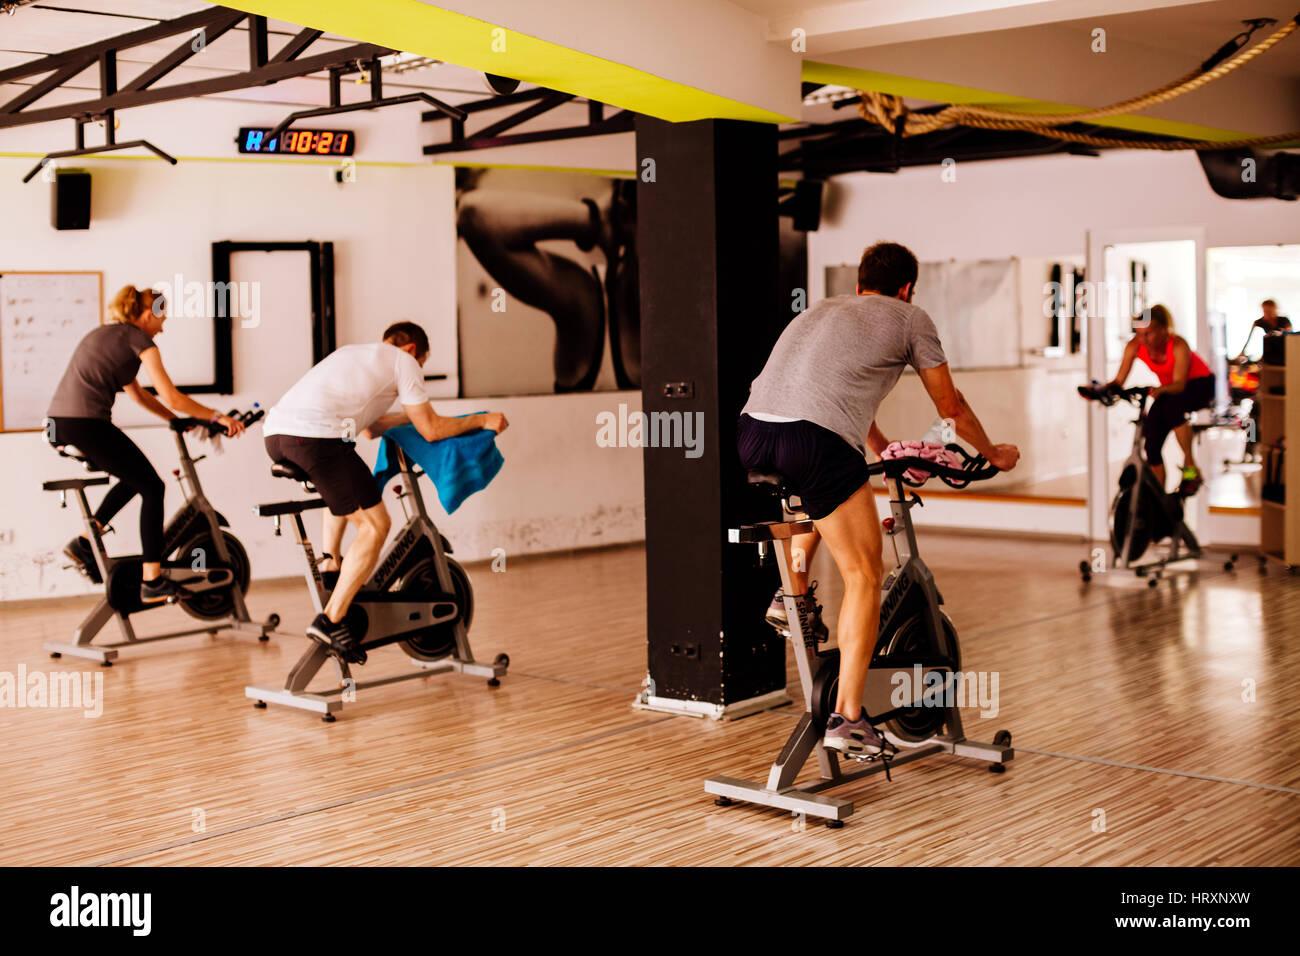 Entrenamiento ciclismo indoor. Grupo weightloss formación. Imagen De Stock